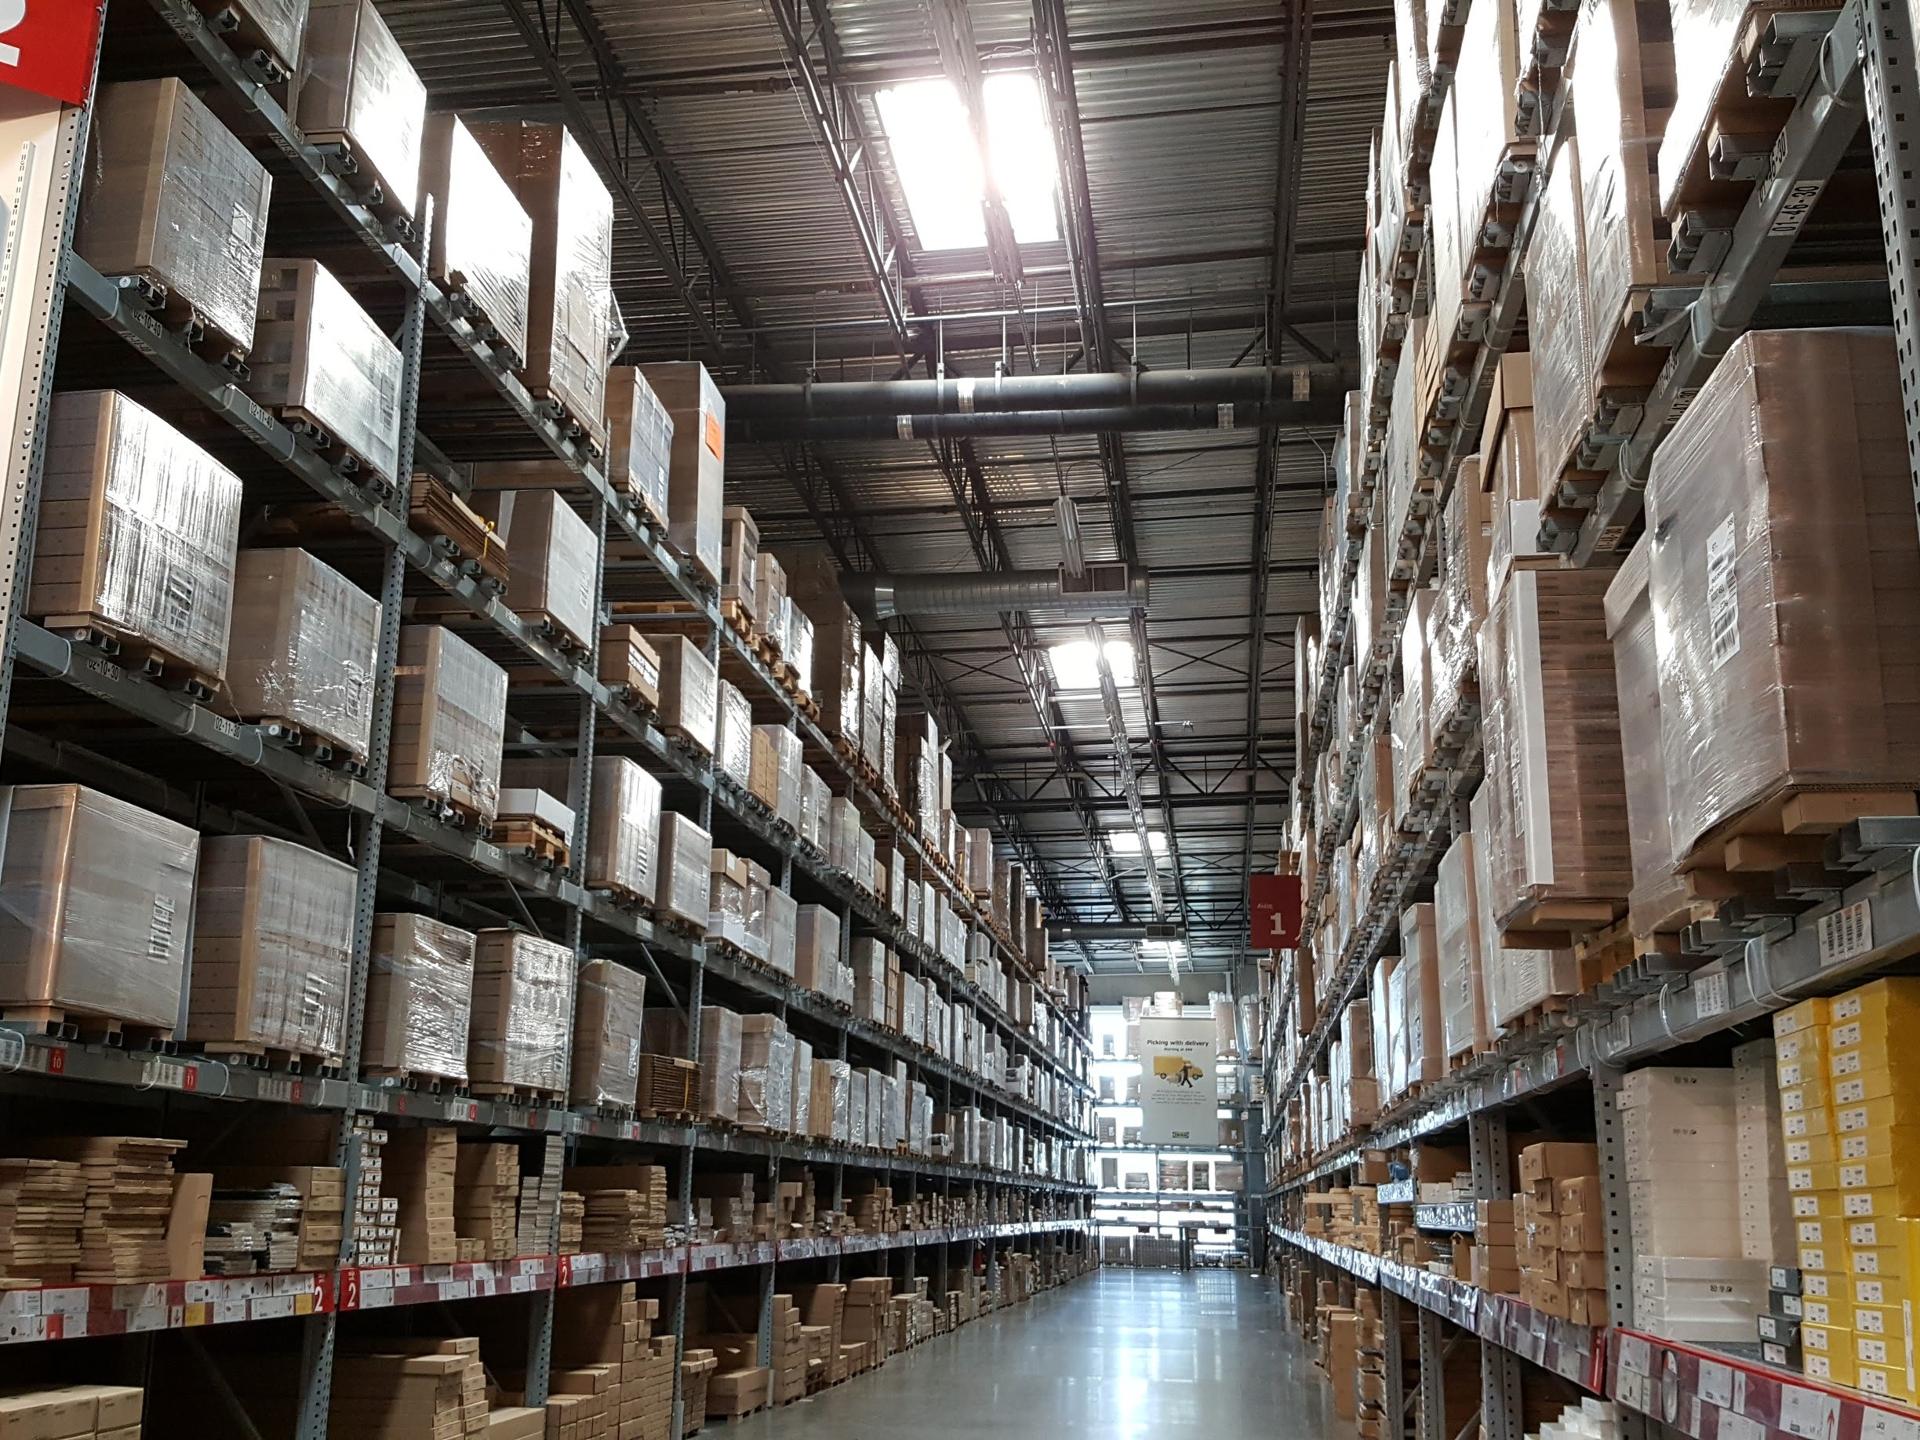 Lagerhallen sind ästhetisch meist nicht sehr ansprechend und meist nicht mit nachhaltigen Materialien gebaut, hätten aber viel Potential für Mehrfach- oder Umnutzung. - Photocredit: pixabay.com/icondigital